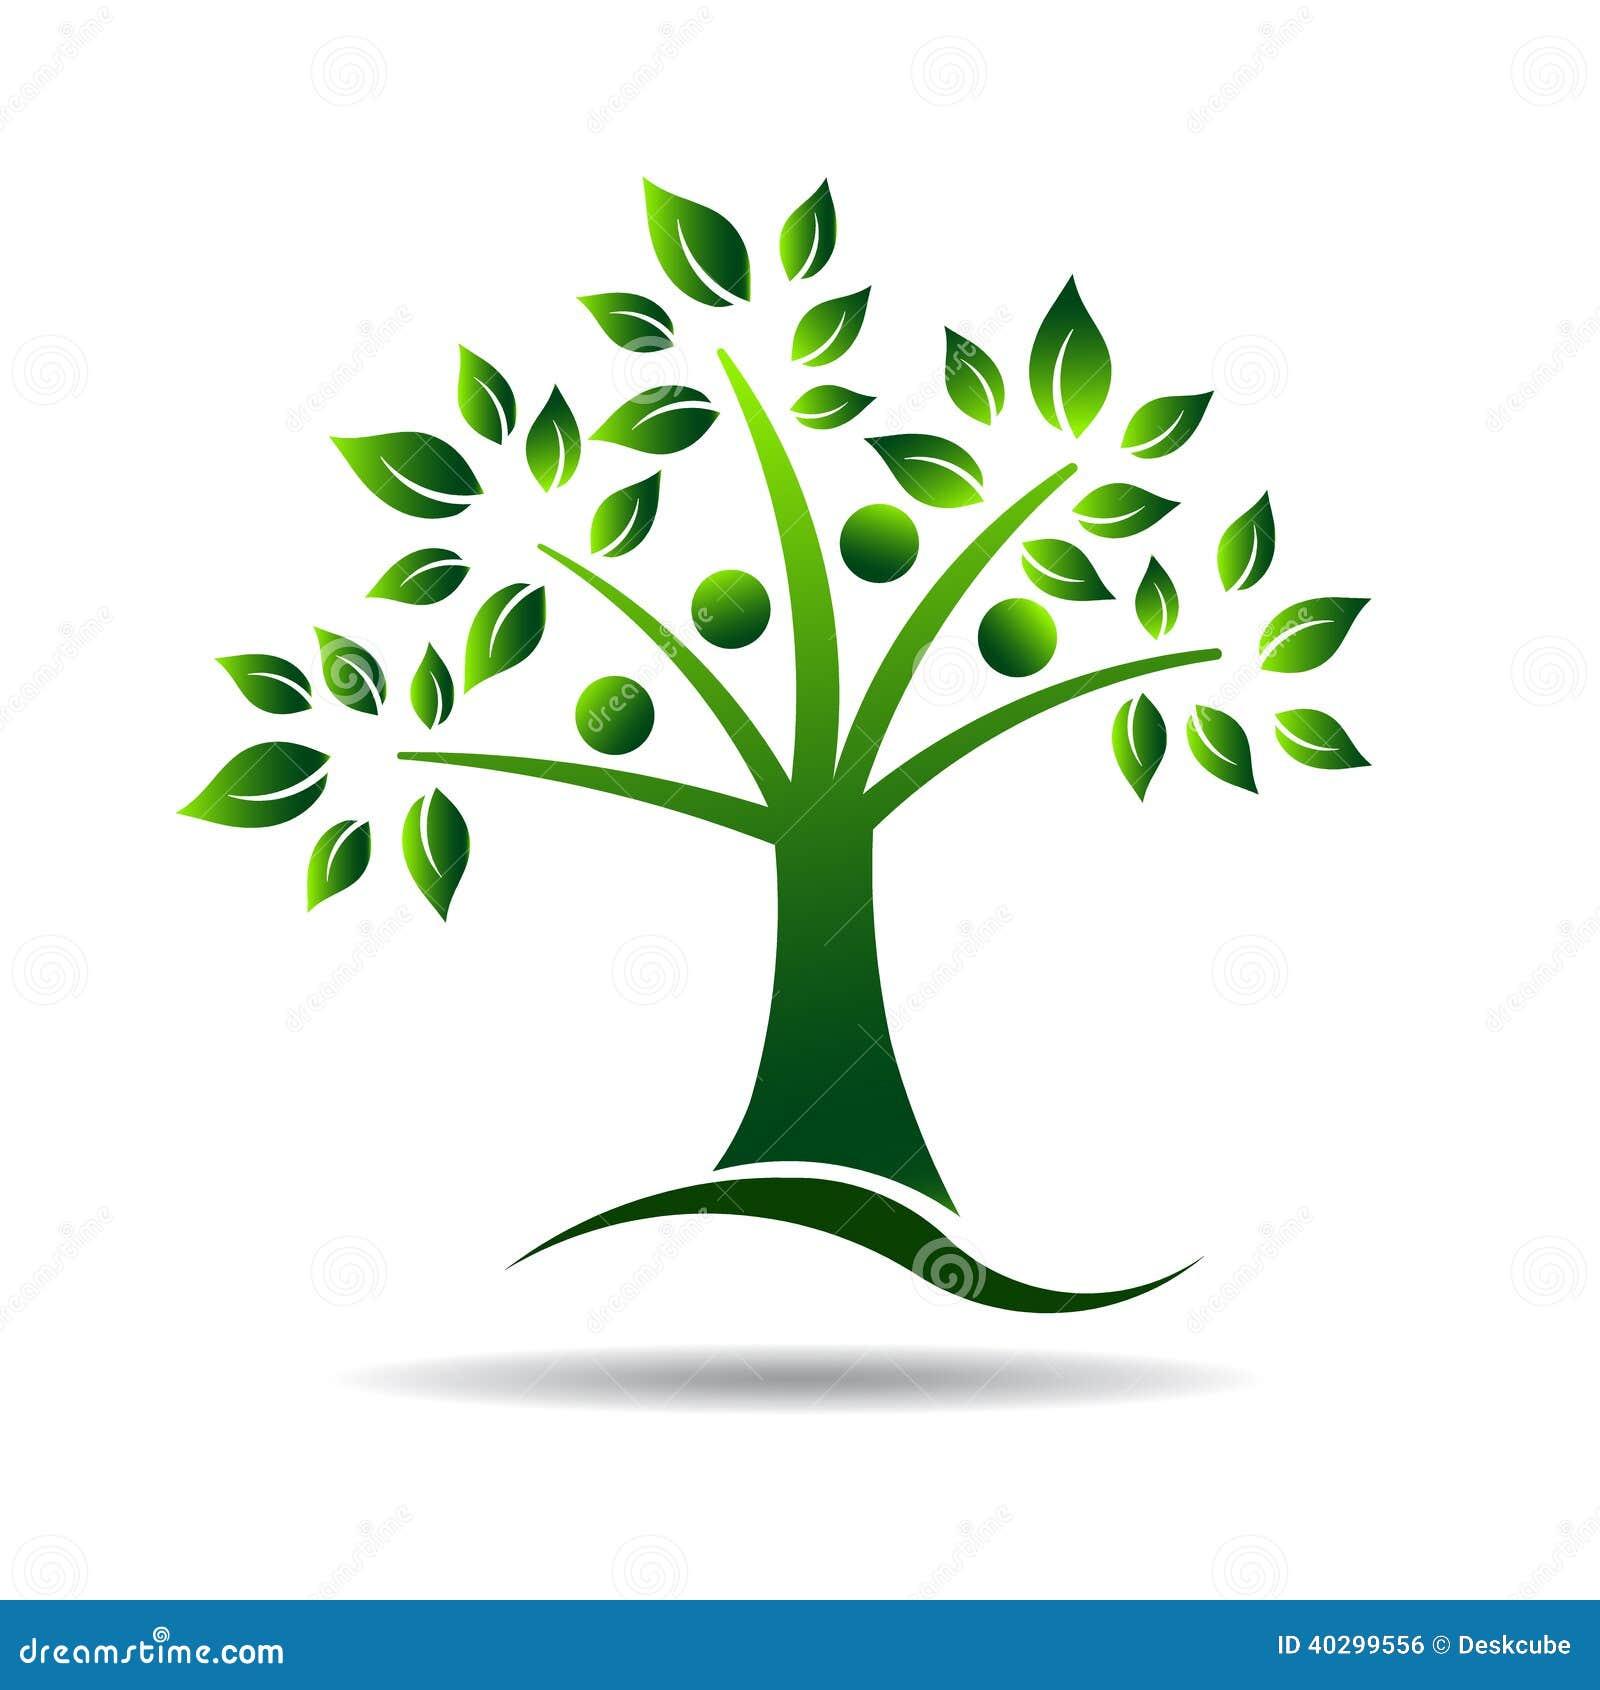 Leutebaumlogo. Konzept für Stammbaum, natürlich